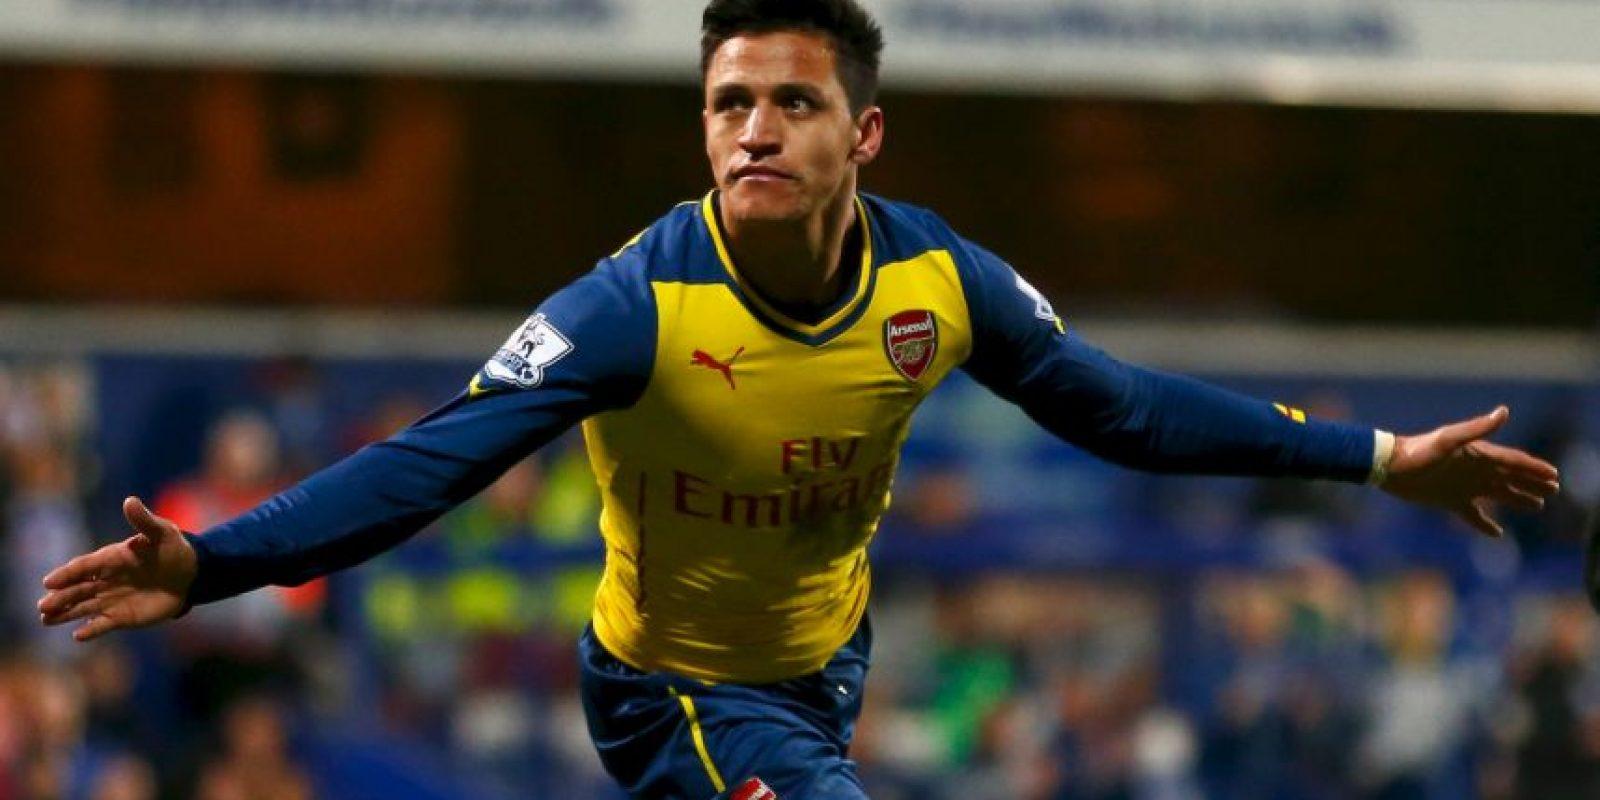 Como referente del Arsenal, el delantero chileno ha tenido gran éxito en la venta de sus jerseys. Foto:Getty Images